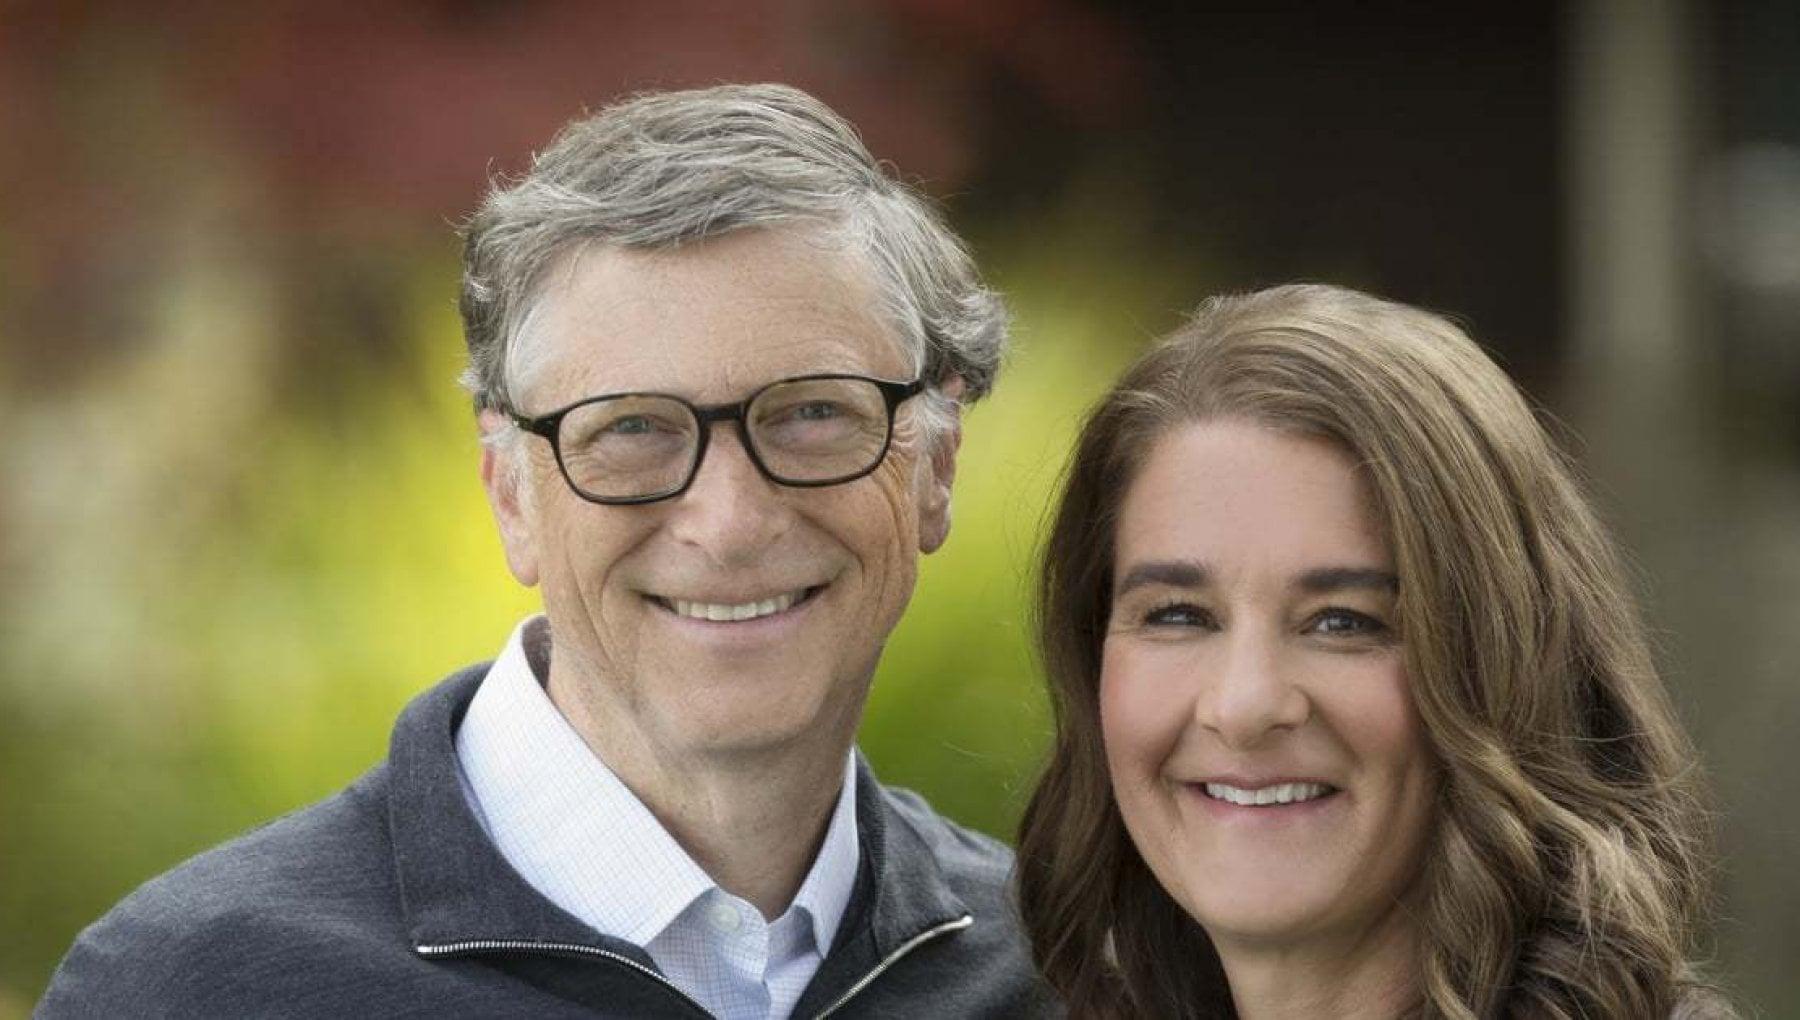 224950009 d7d386b4 1190 41e4 9d1f fba3e20ba522 - Bill e Melinda Gates, è divorzio: annunciata la fine del loro matrimonio